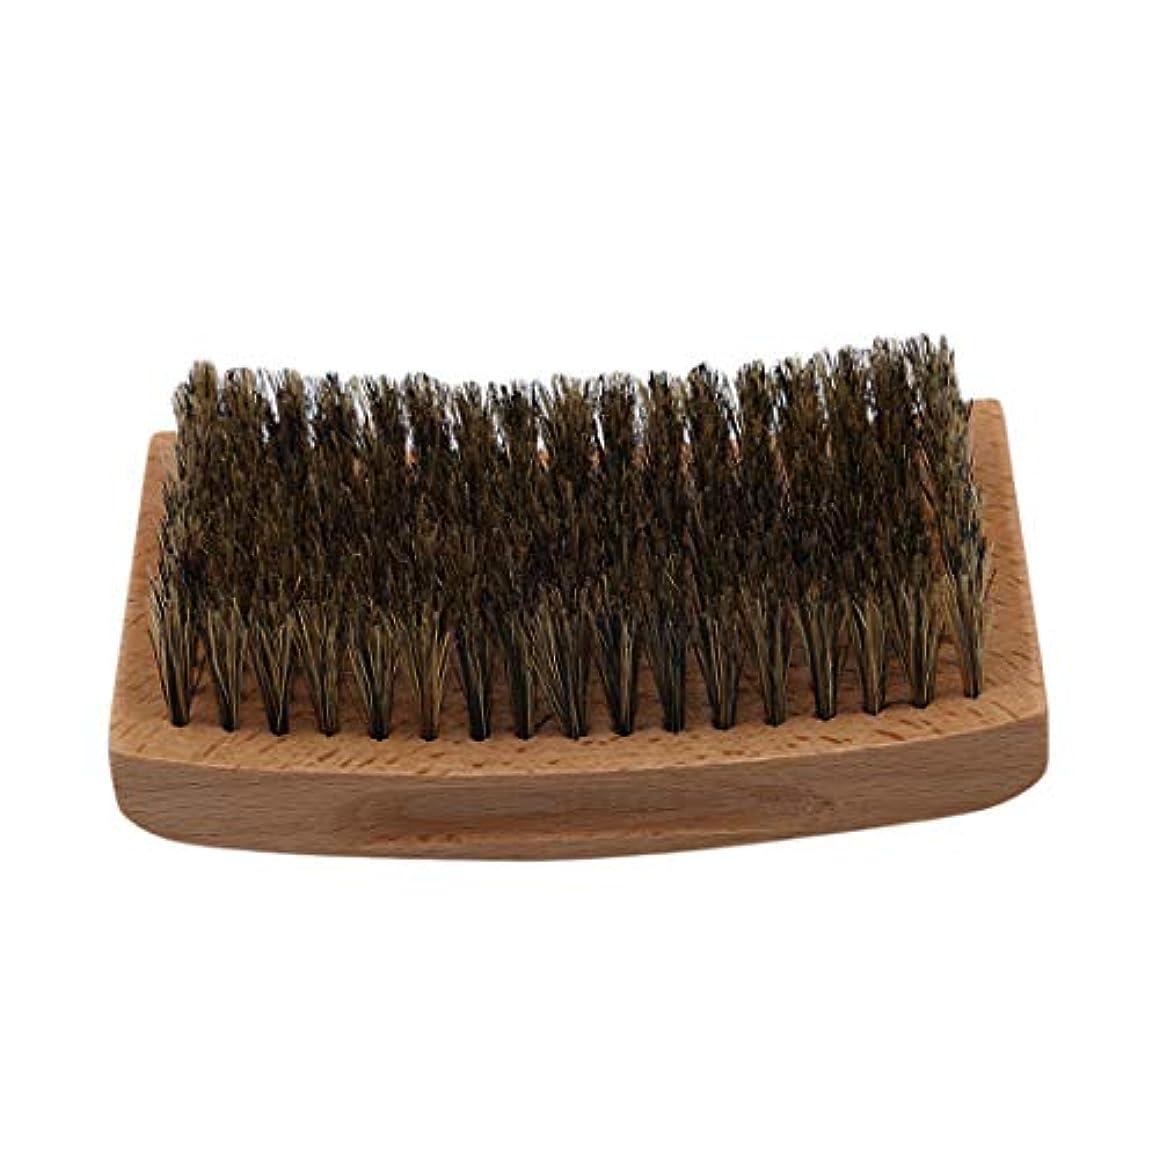 KLUMA ひげブラシ シェービングブラシ 理容 洗顔 髭剃り 泡立ち 洗顔ブラシ 5#